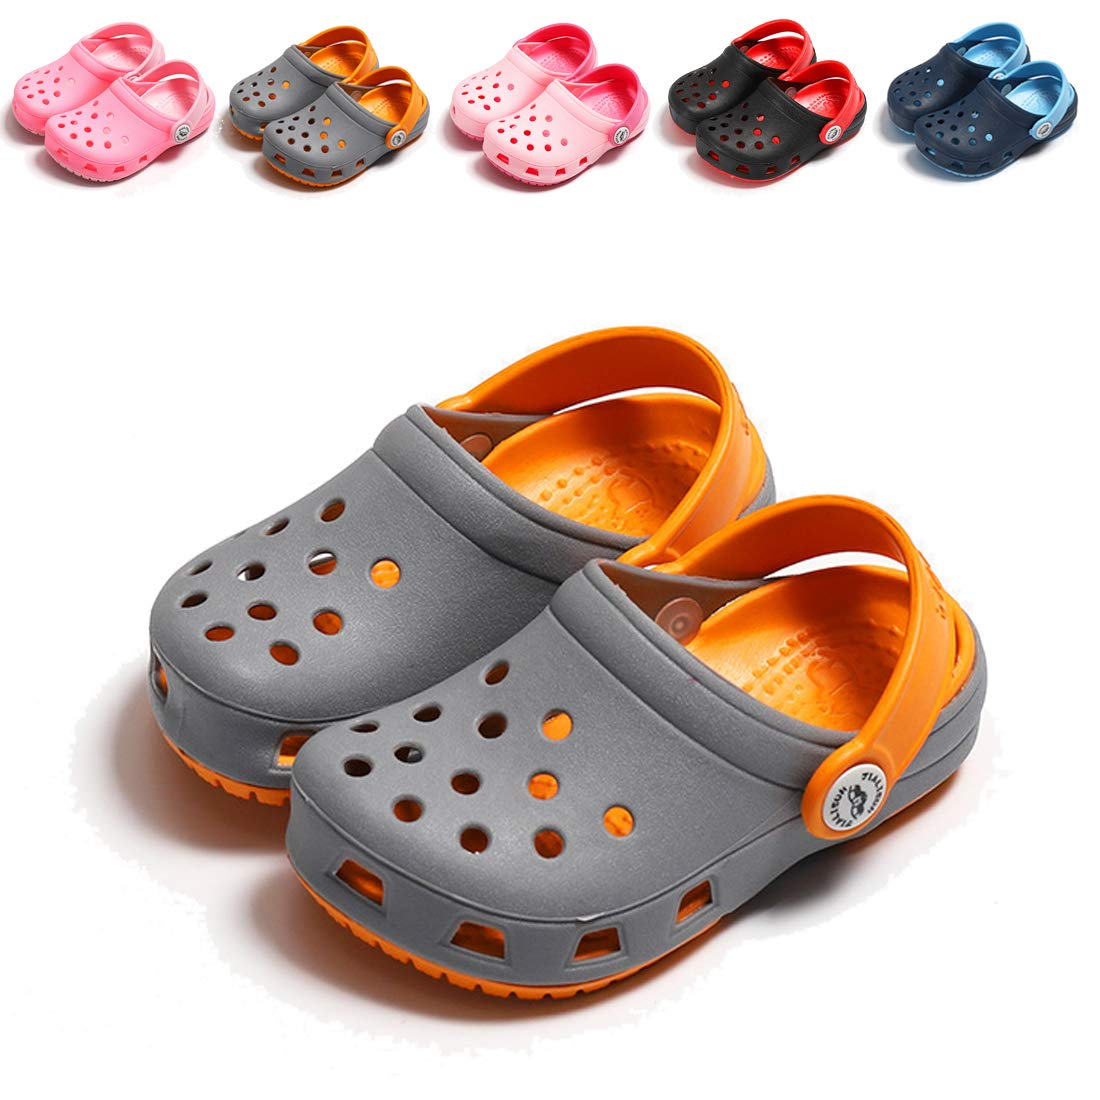 BEBARFER Toddler Kids Boys Girls Classic Clogs Slip On Garden Water Shoes Lightweight Summer Slippers Beach Sandals Toddler//Little Kids